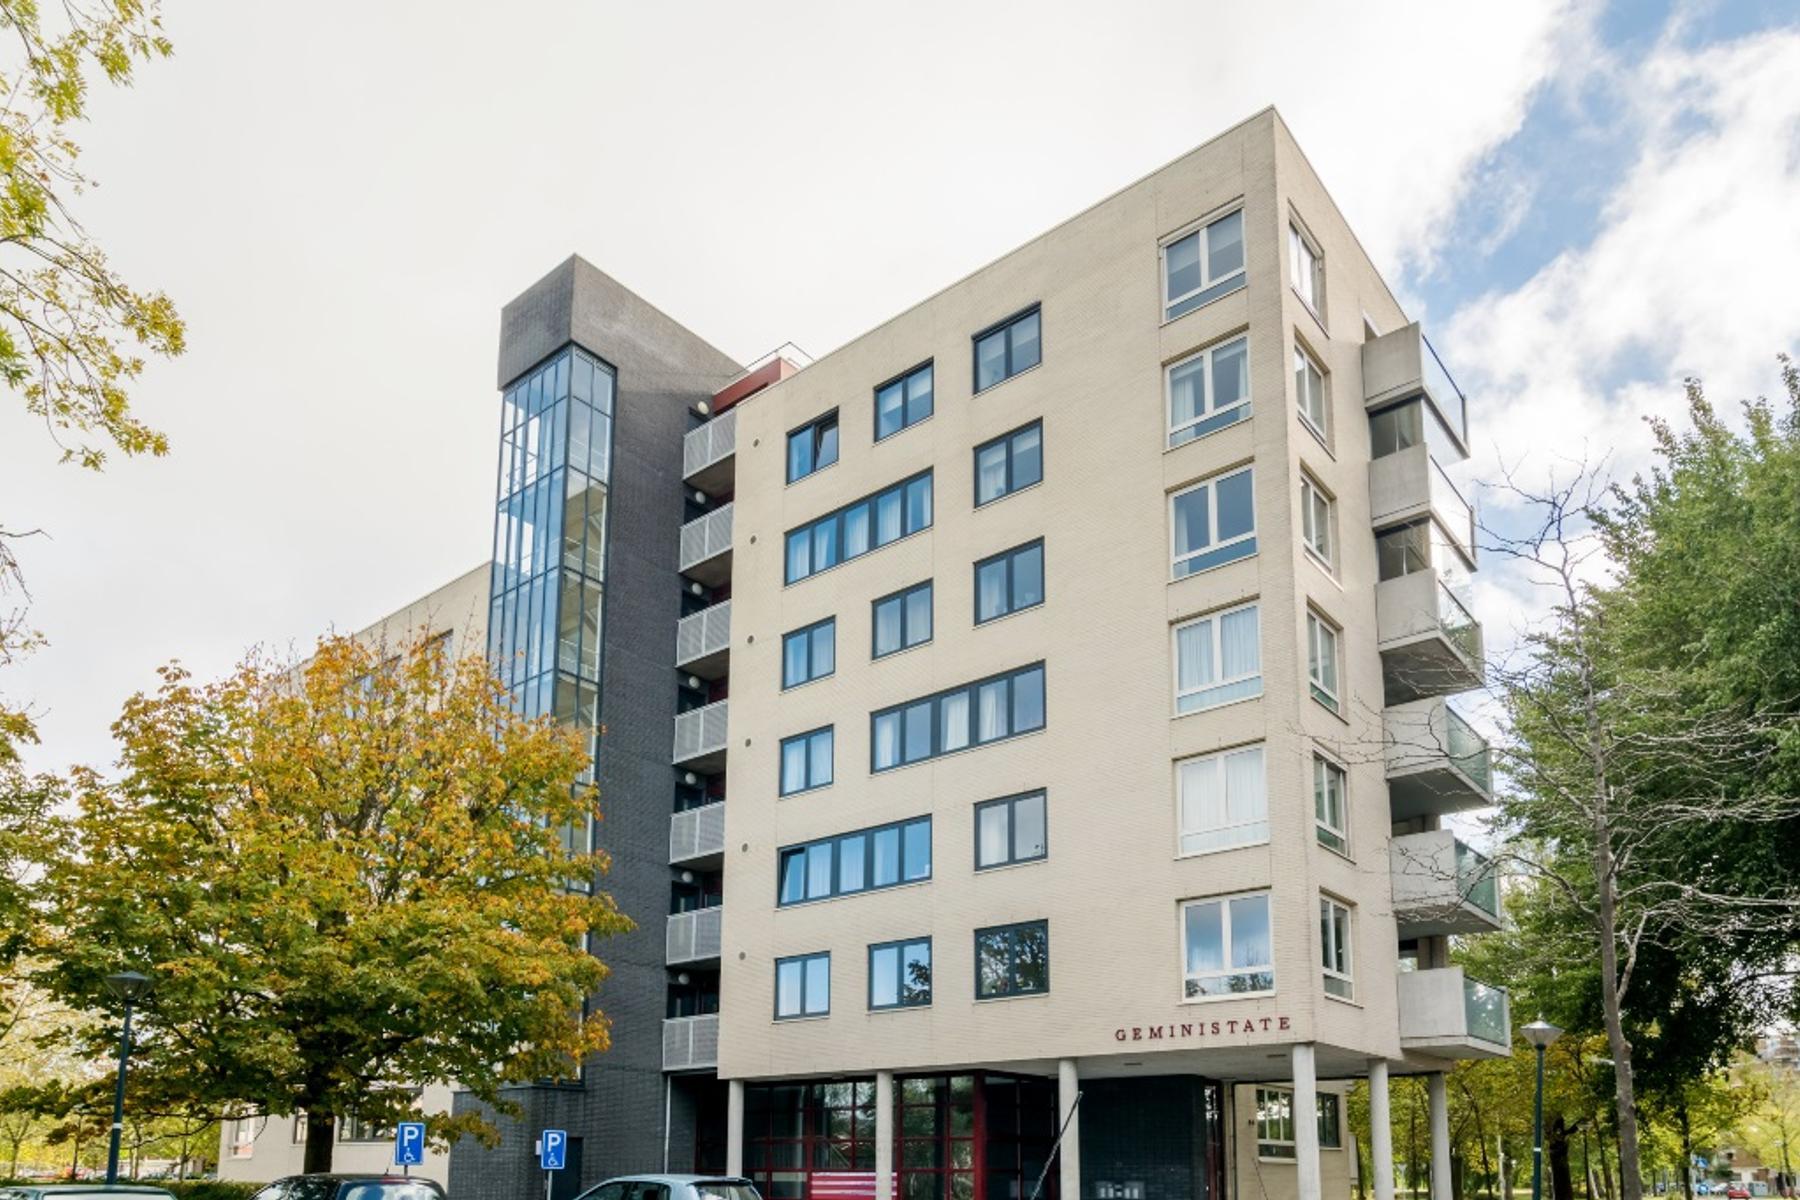 d91218f2f0a Orionstraat 155 in Hoorn 1622 BR: Appartement. - 4x1 Makelaardij